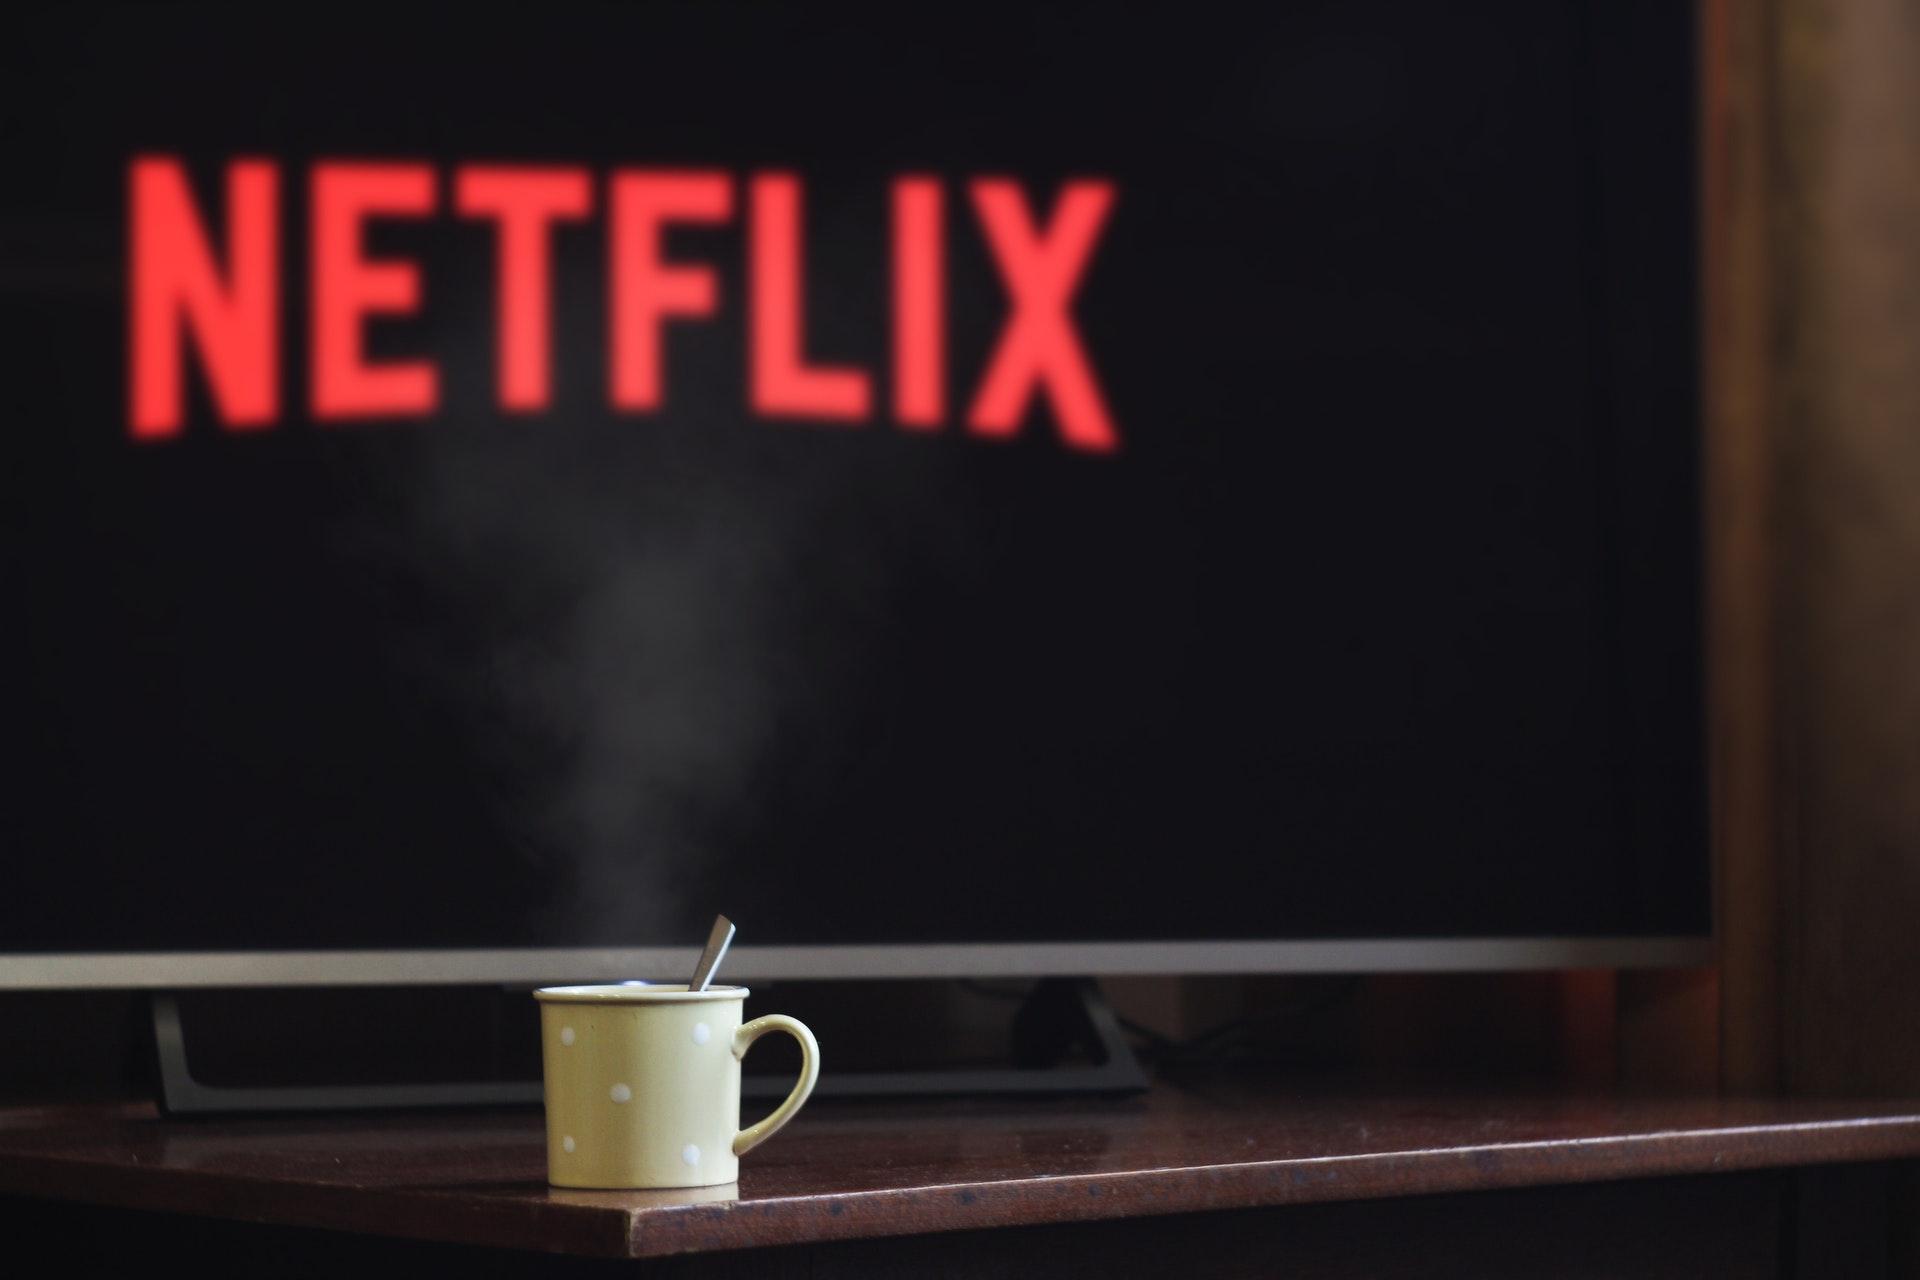 Jak mieć więcej czasu na Netflixa? - GameBy.pl